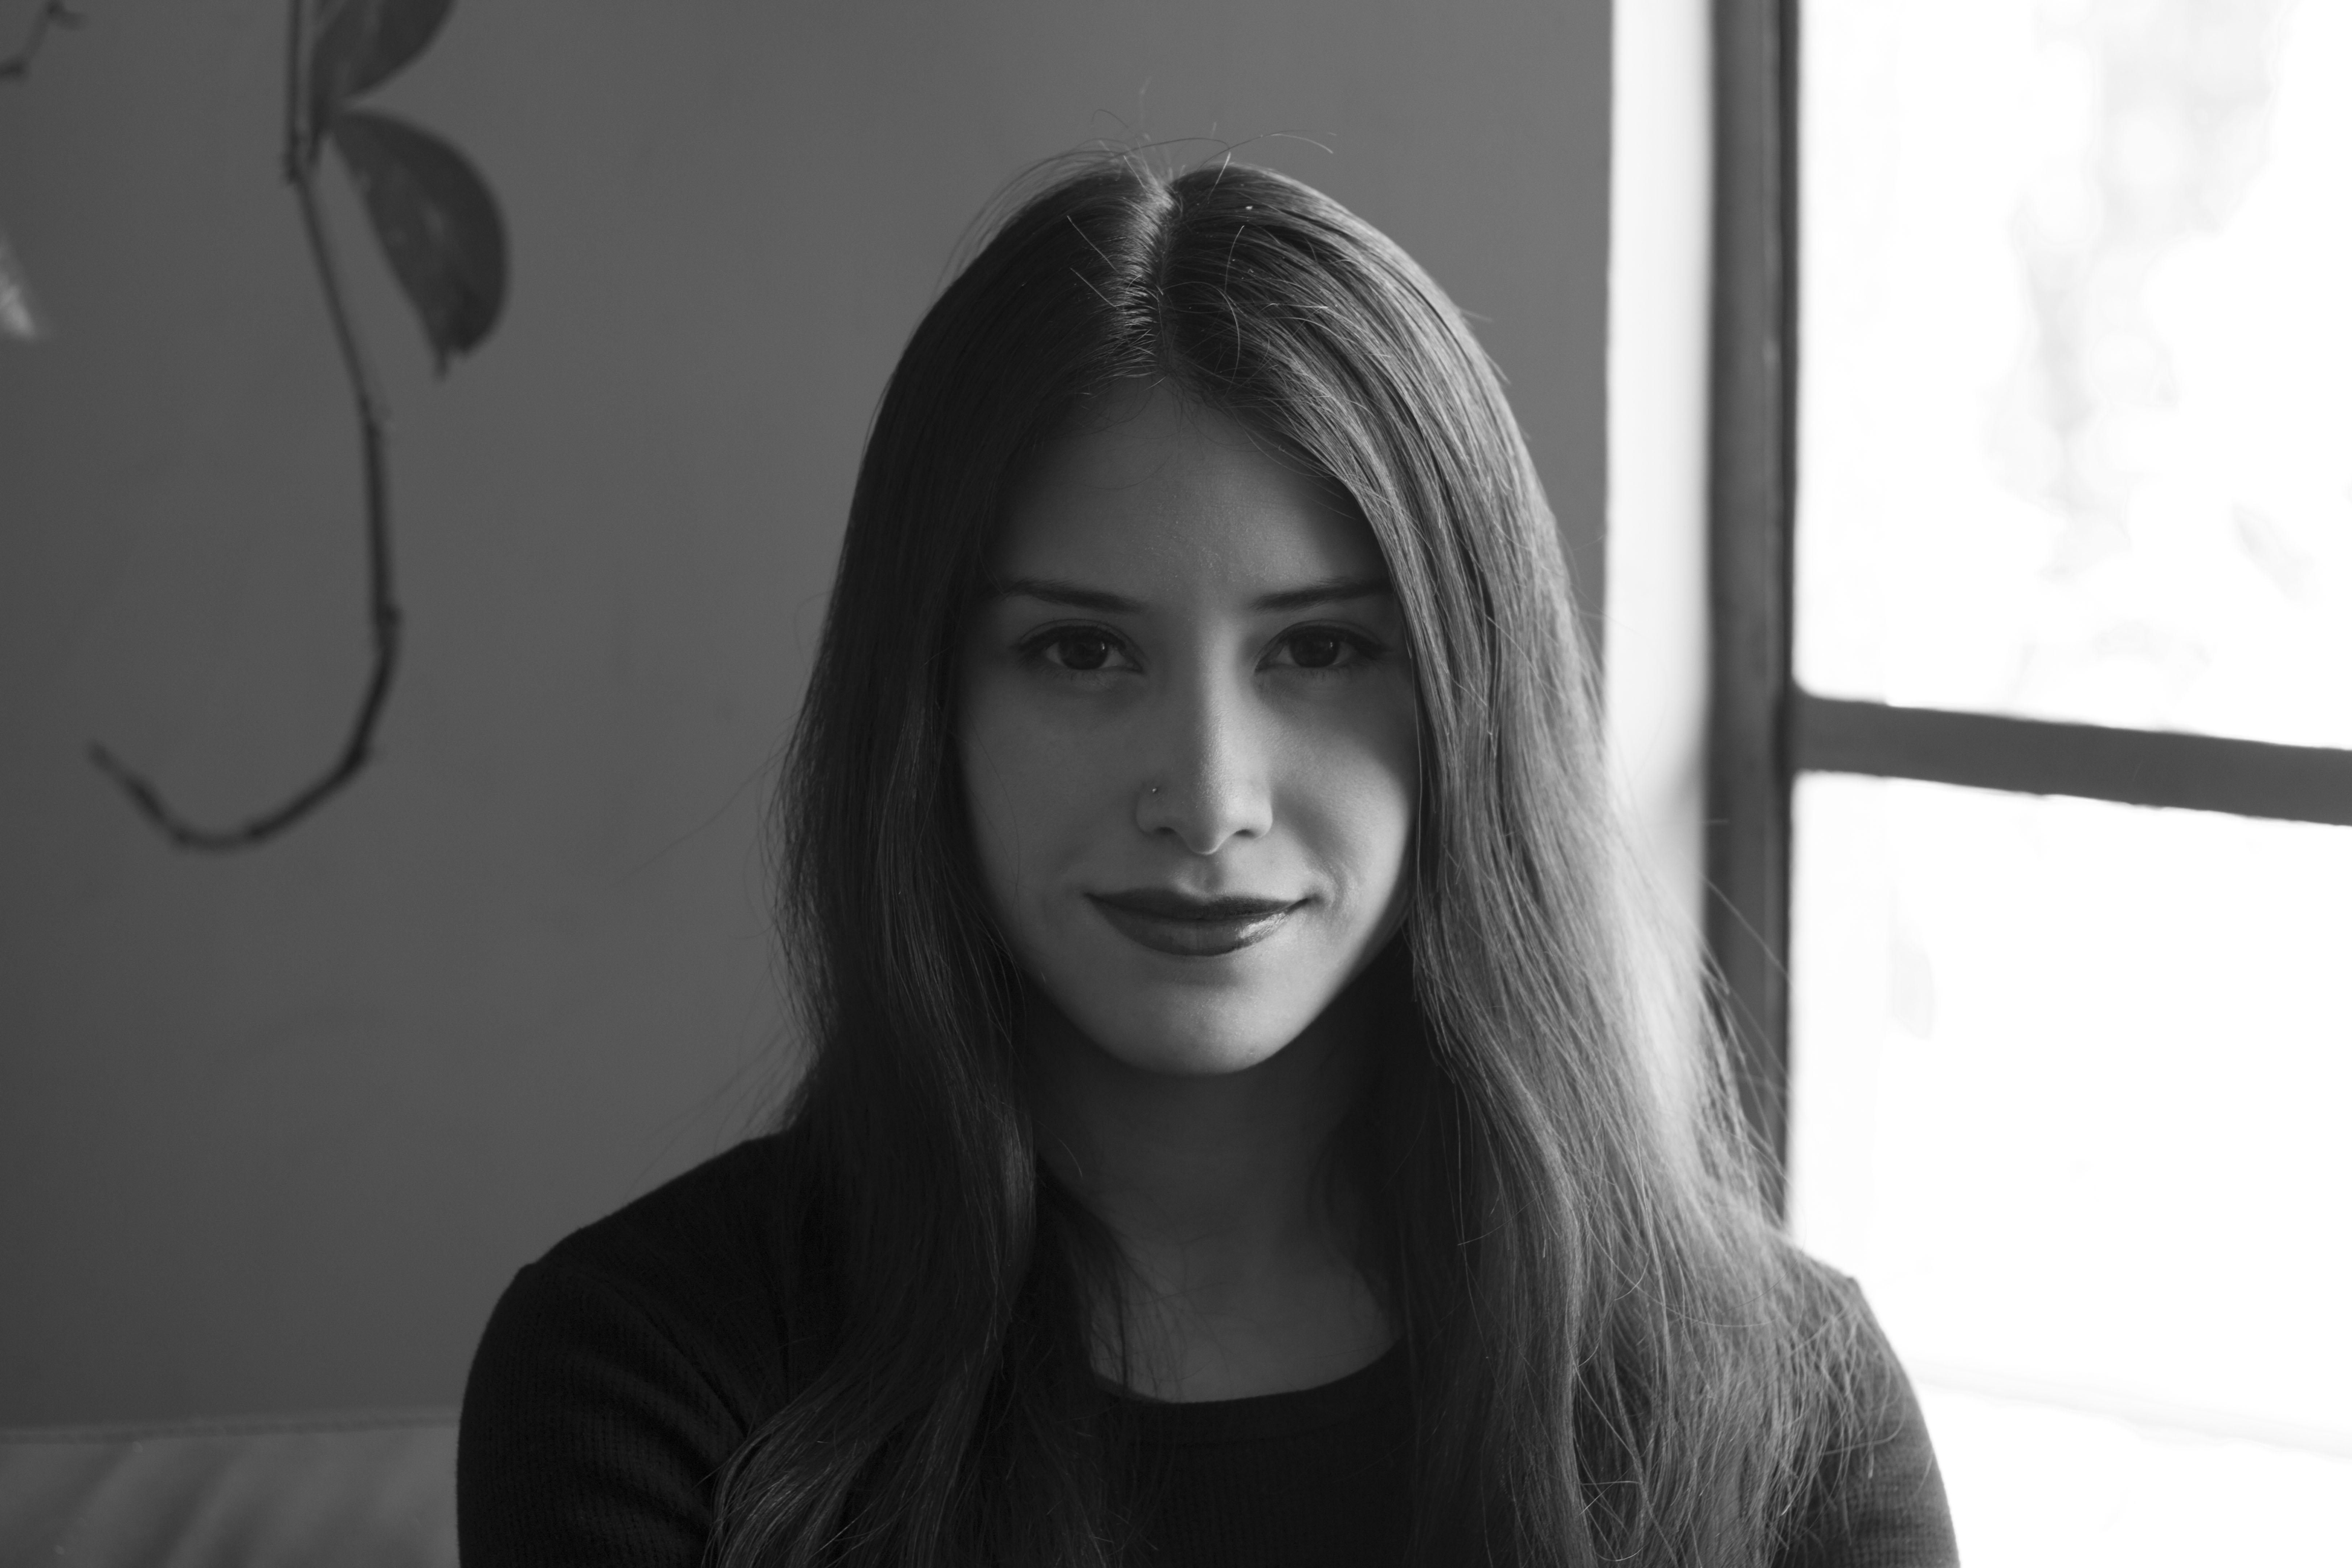 María Bello